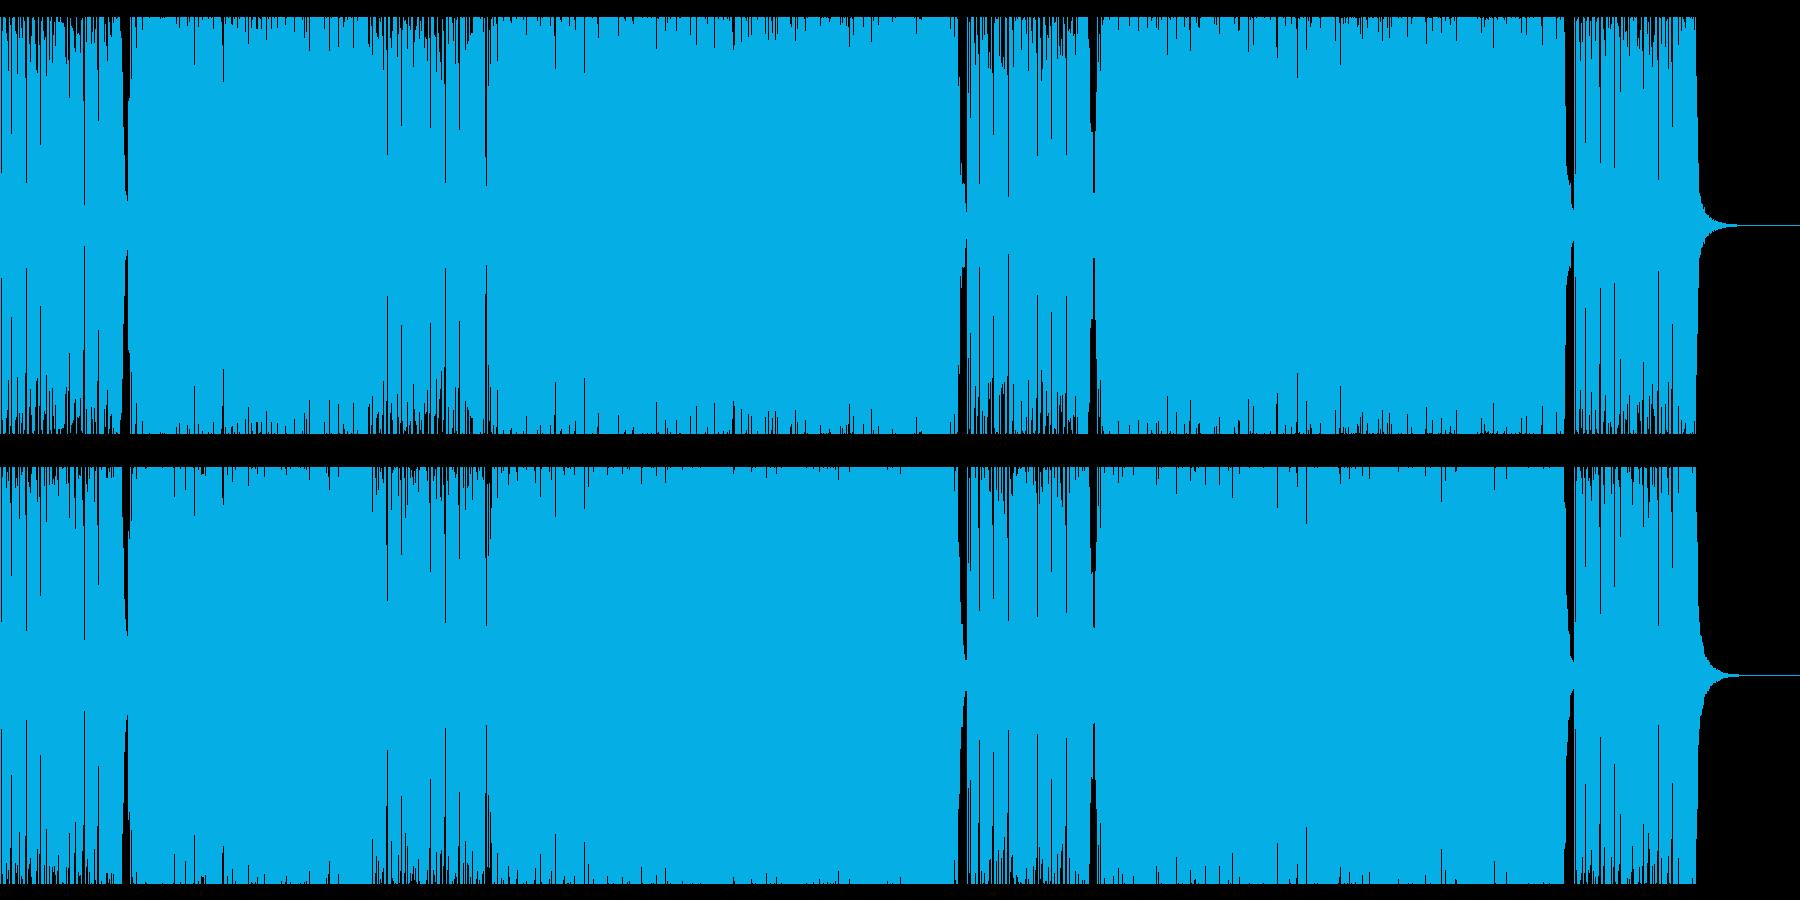 ハードロック・ギター・スポーツ・ユニゾンの再生済みの波形